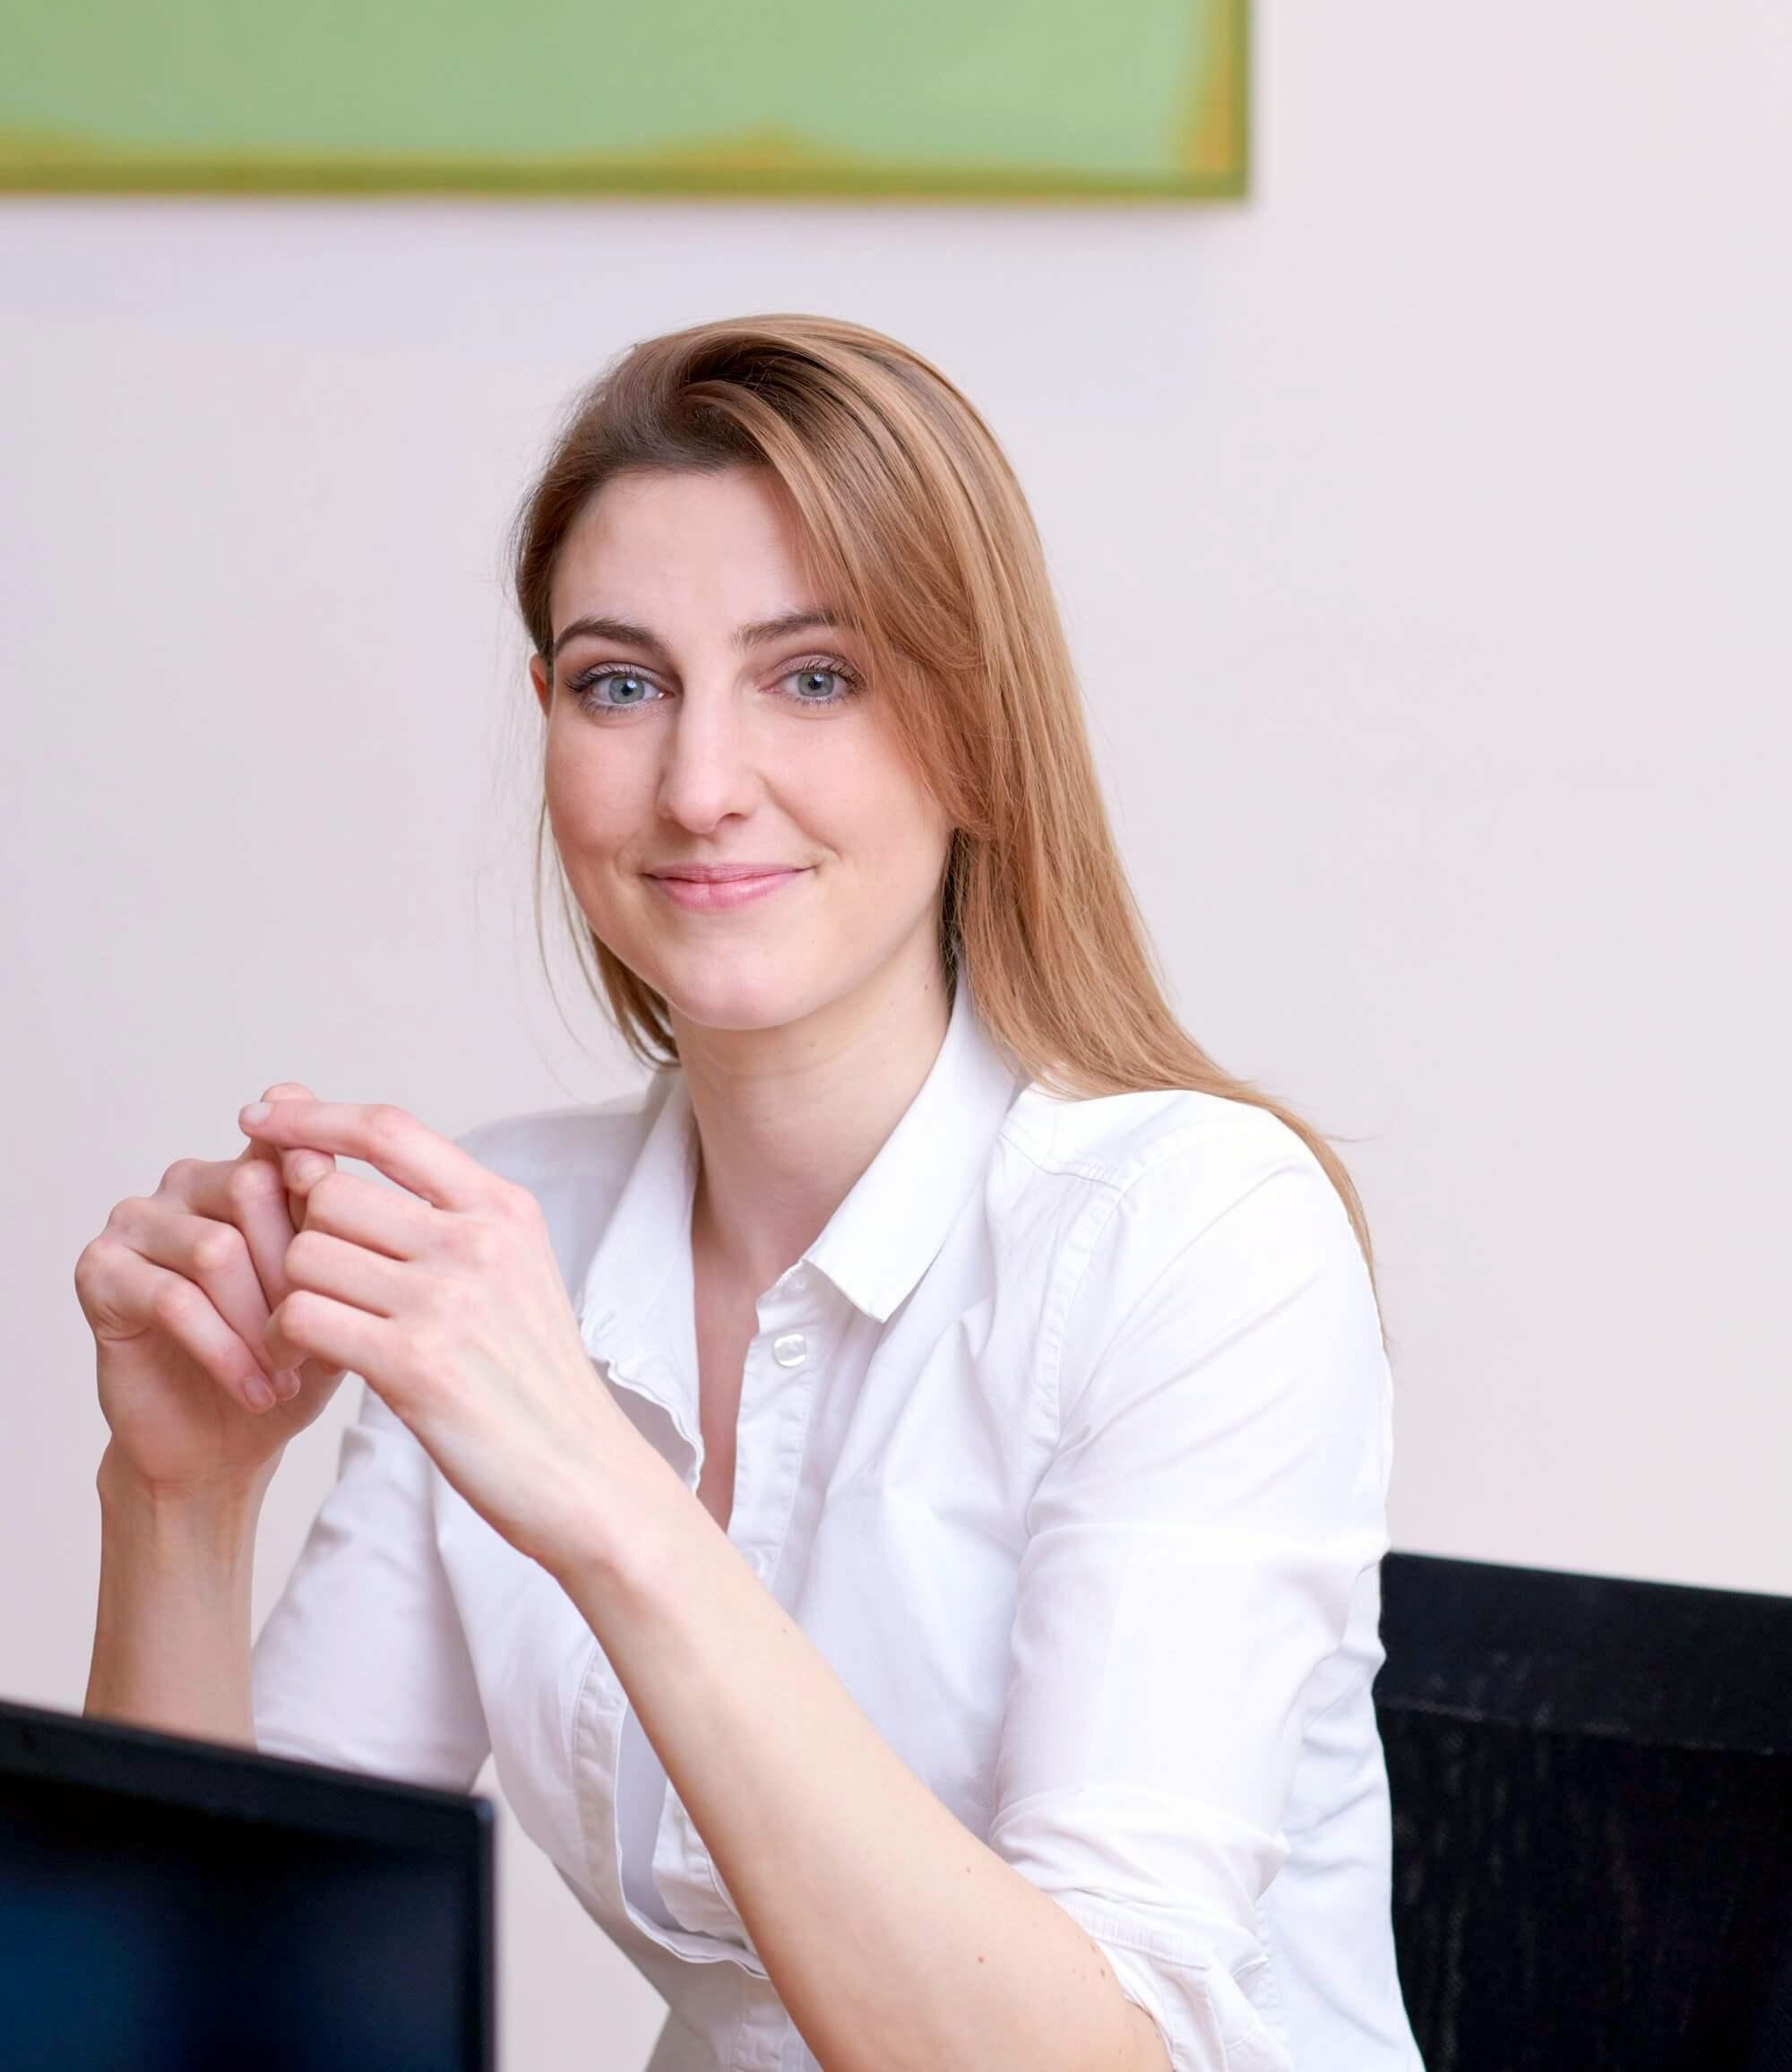 Bettina Engert wechselt von FlixBus zu Wachstumsinvestor Acton Capital Partners